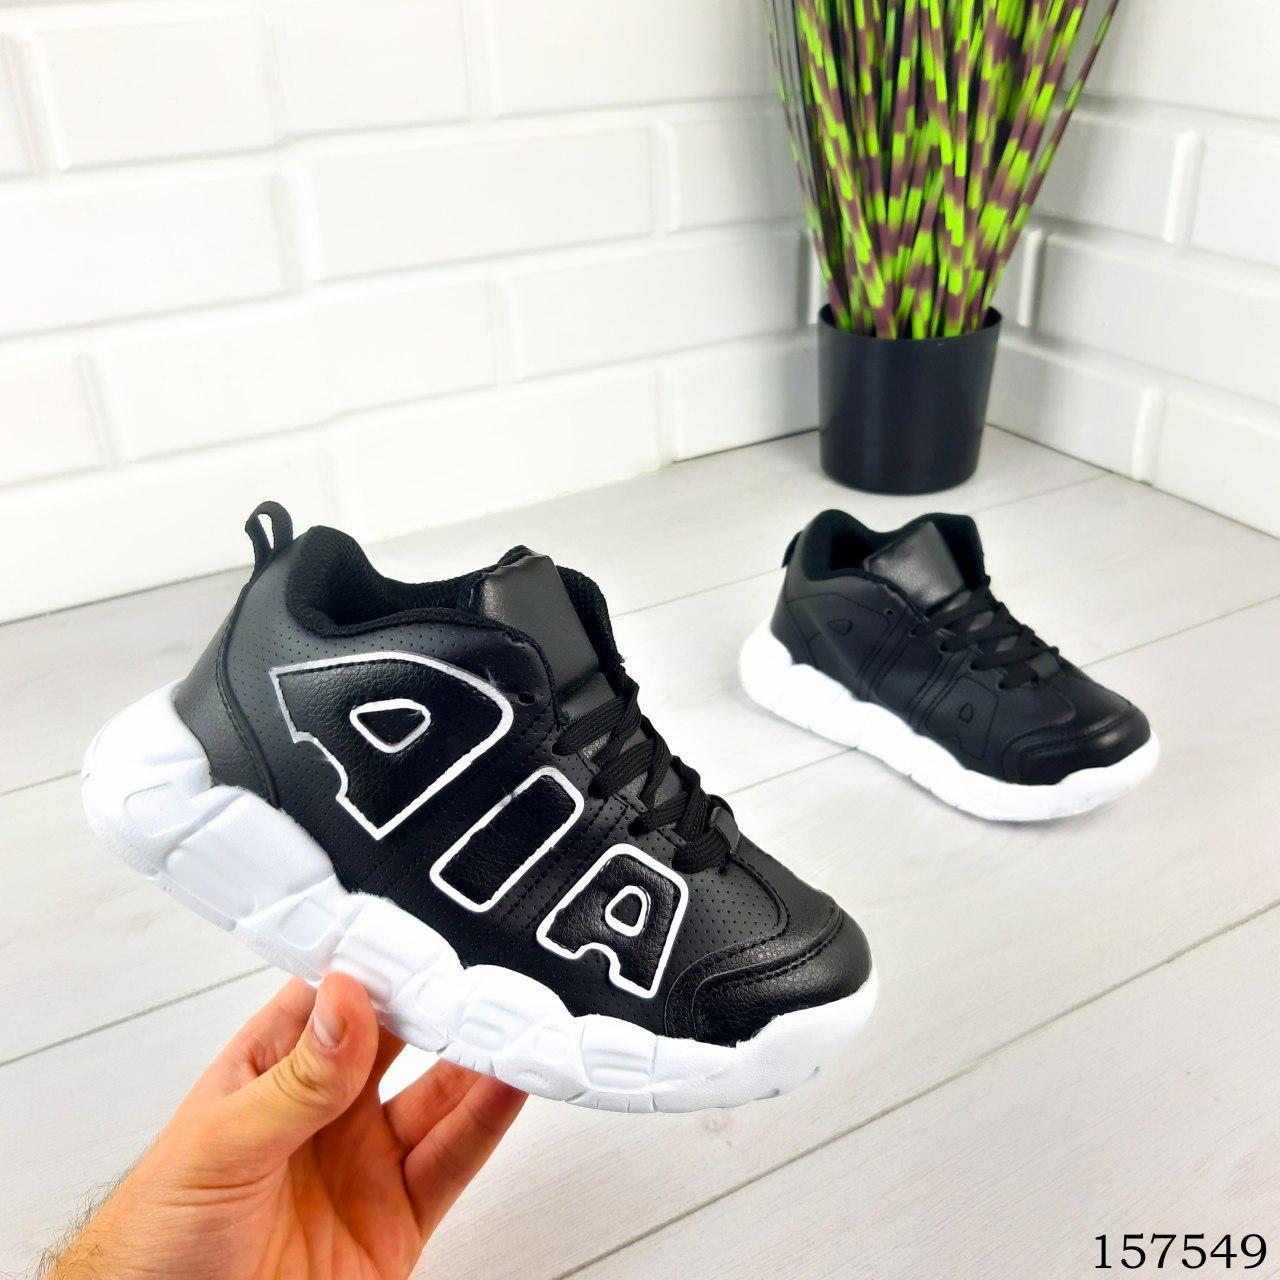 Кроссовки детские, подростковые черные на шнурках из эко кожи. Кросівки дитячі чорні підліткові